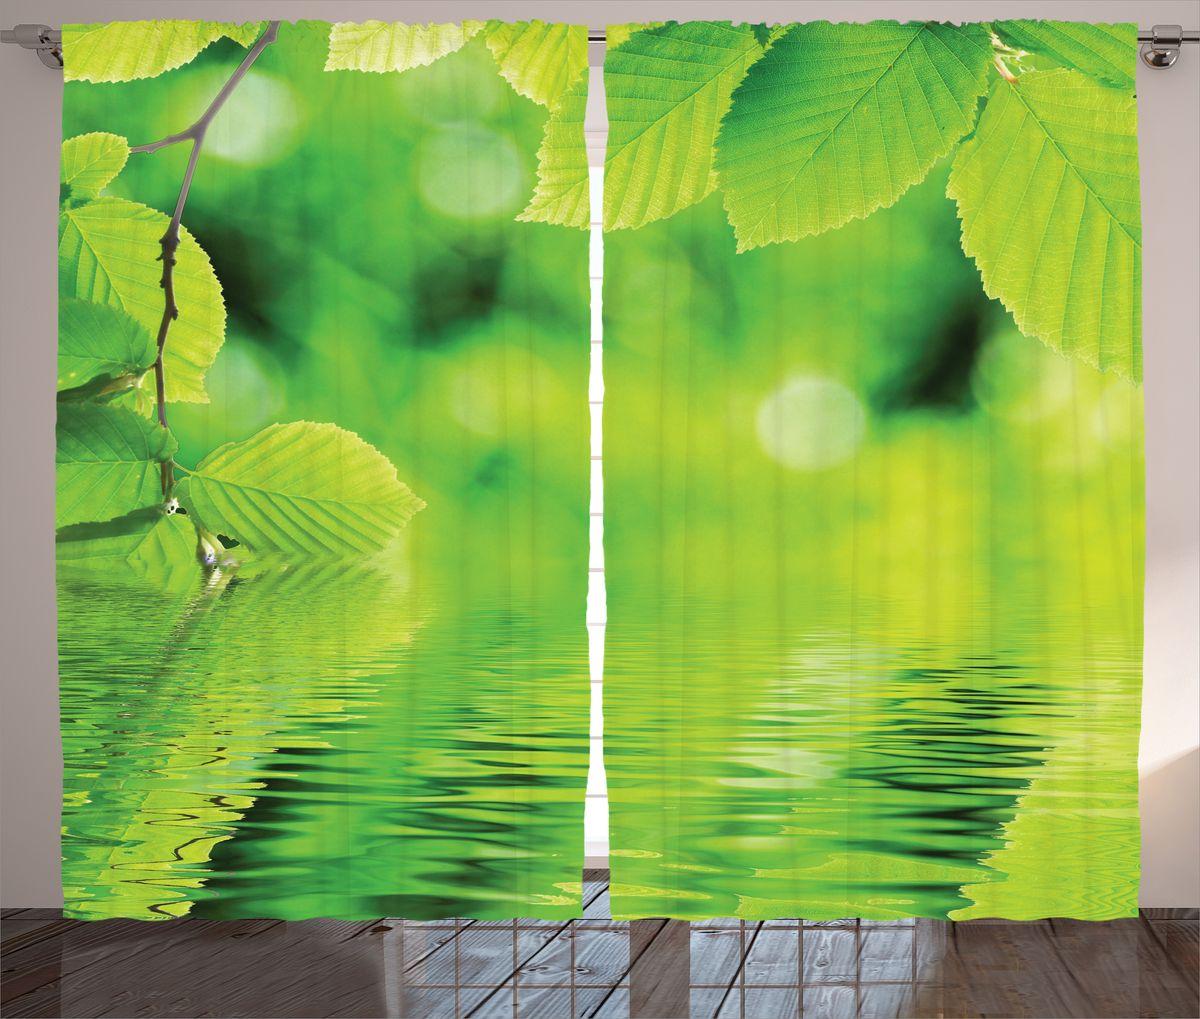 Комплект фотоштор Magic Lady, на ленте, высота 265 см. шсг_16581шсг_16581Компания Сэмболь изготавливает шторы из высококачественного сатена (полиэстер 100%). При изготовлении используются специальные гипоаллергенные чернила для прямой печати по ткани, безопасные для человека и животных. Экологичность продукции Magic lady и безопасность для окружающей среды подтверждены сертификатом Oeko-Tex Standard 100. Крепление: крючки для крепления на шторной ленте (50 шт). Возможно крепление на трубу. Внимание! При нанесении сублимационной печати на ткань технологическим методом при температуре 240°С, возможно отклонение полученных размеров (указанных на этикетке и сайте) от стандартных на + - 3-5 см. Производитель старается максимально точно передать цвета изделия на фотографиях, однако искажения неизбежны и фактический цвет изделия может отличаться от воспринимаемого по фото. Обратите внимание! Шторы изготовлены из полиэстра сатенового переплетения, а не из сатина (хлопок). Размер одного полотна шторы: 145х265 см. В комплекте 2...